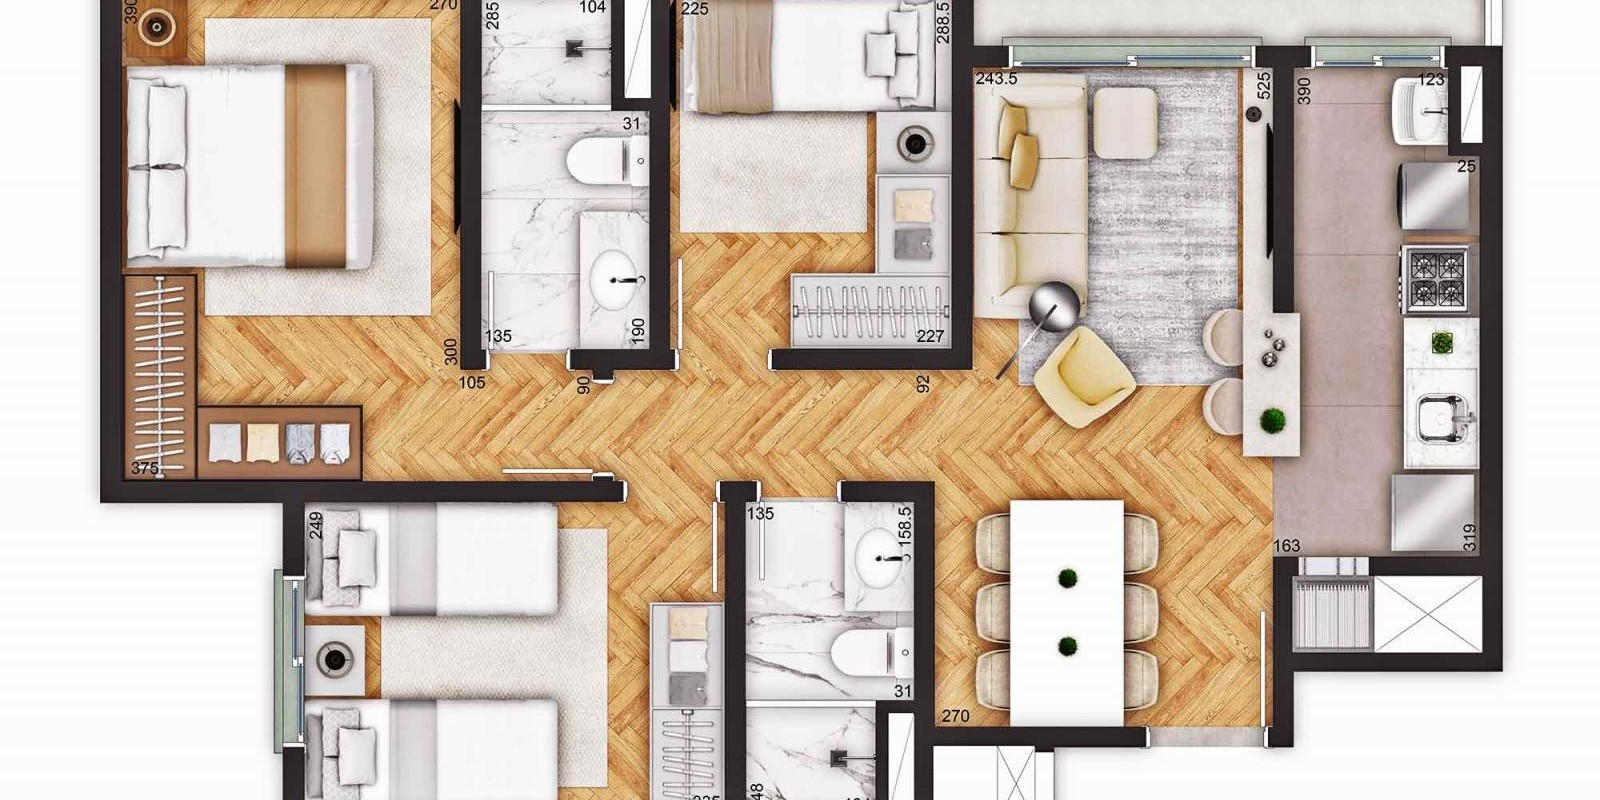 TPS Imóveis - Veja Foto 15 de 18 do Apartamentos a Venda ao Lado do Bourbon Wallig